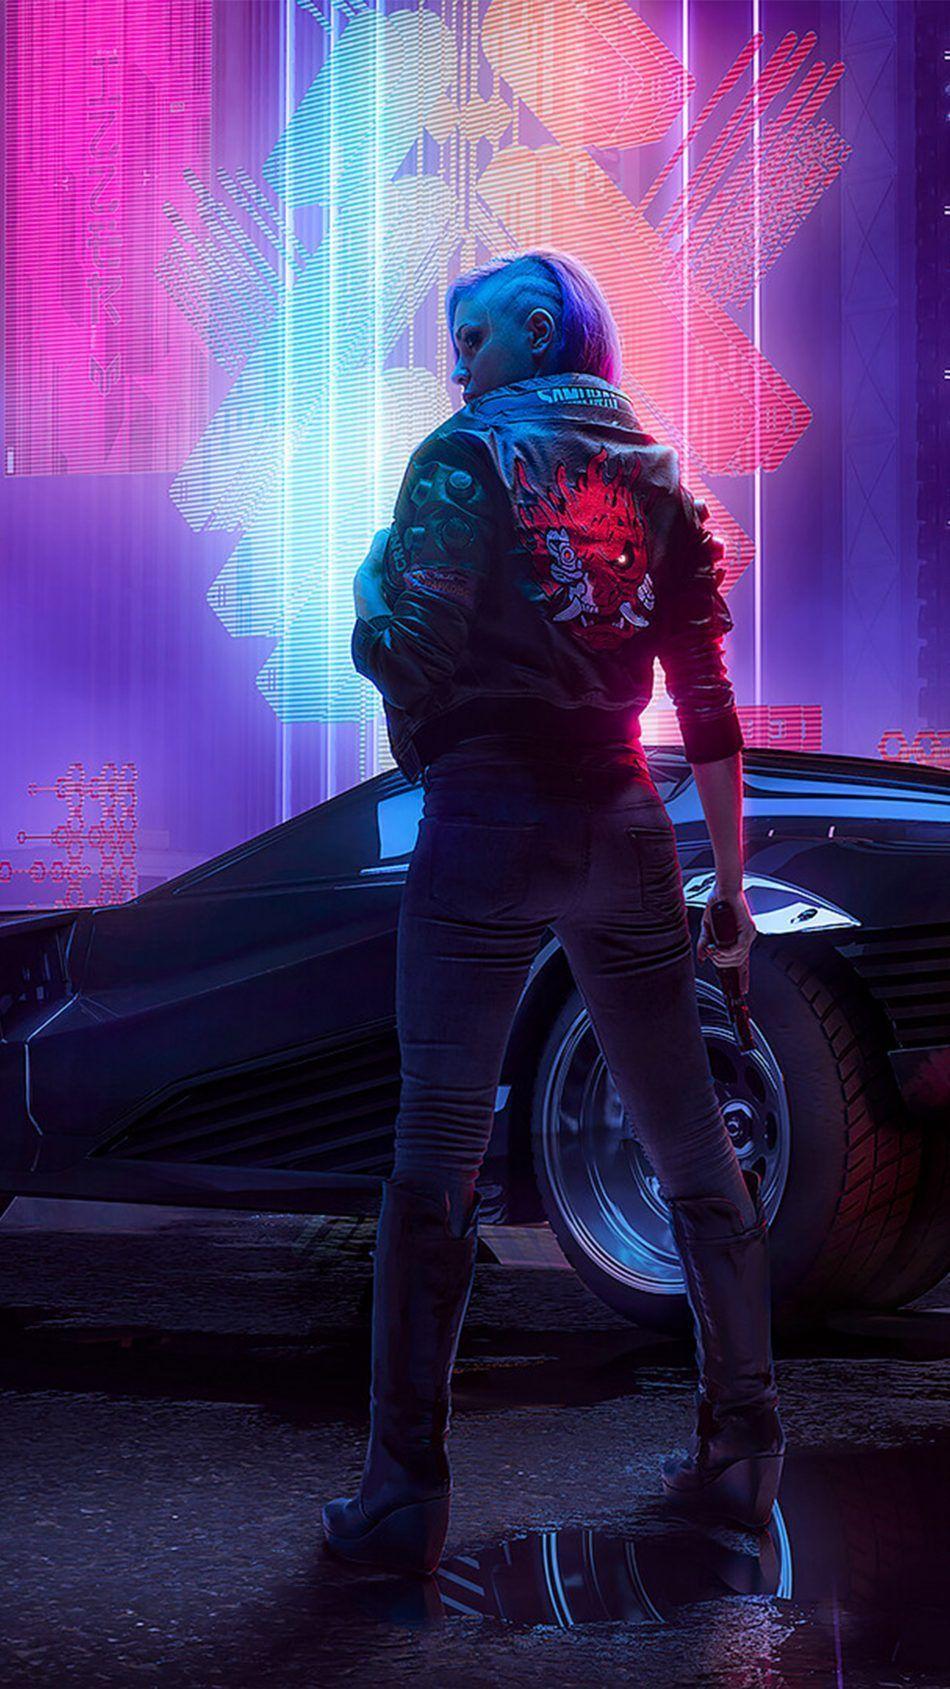 Futurista Cyberpunk 2077 4k Ultra Hd Fondos Movil In 2020 Cyberpunk 2077 Cyberpunk Aesthetic Cyberpunk